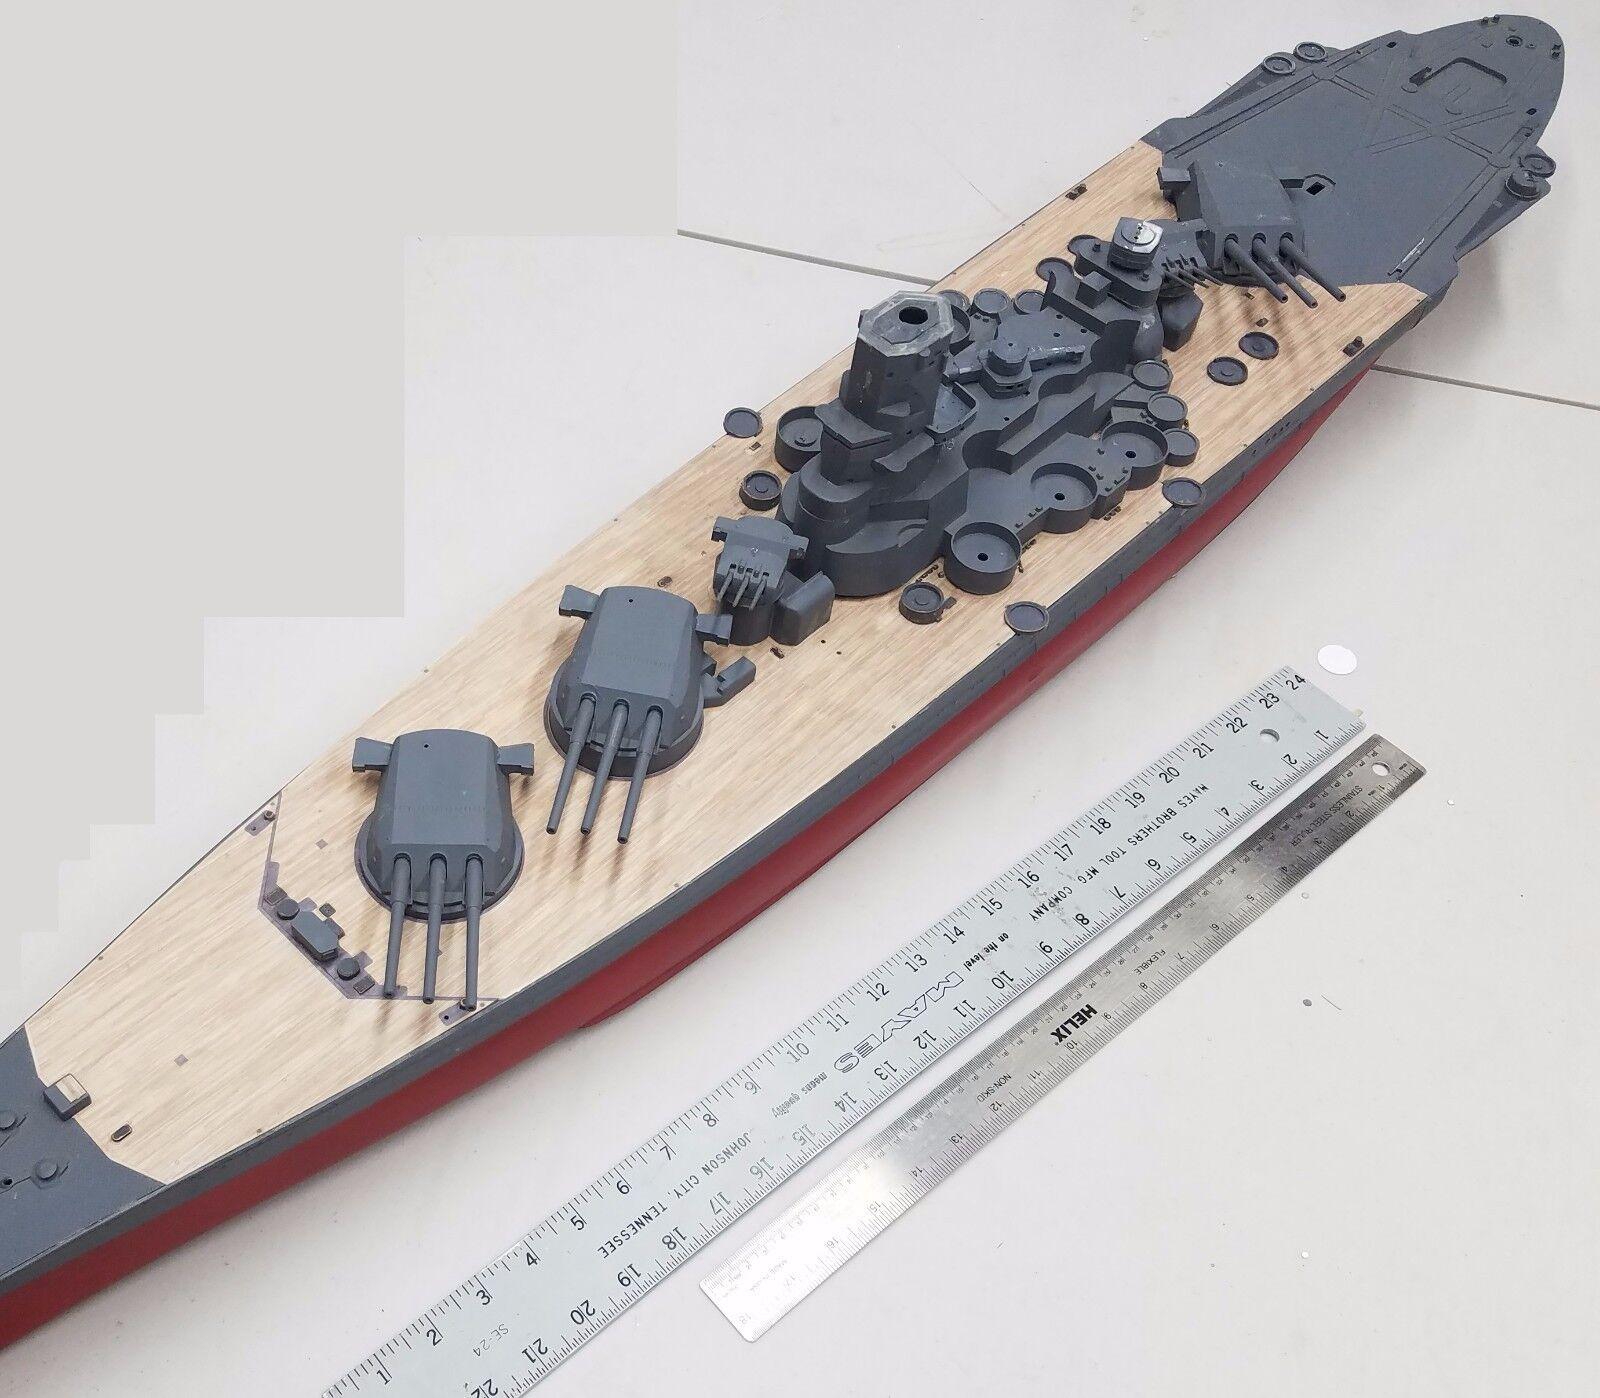 [Uchronie] IJN Yamato 1955 au 1/200 (Nichimo, Fujimi et Scratch) - Page 3 S-l1600